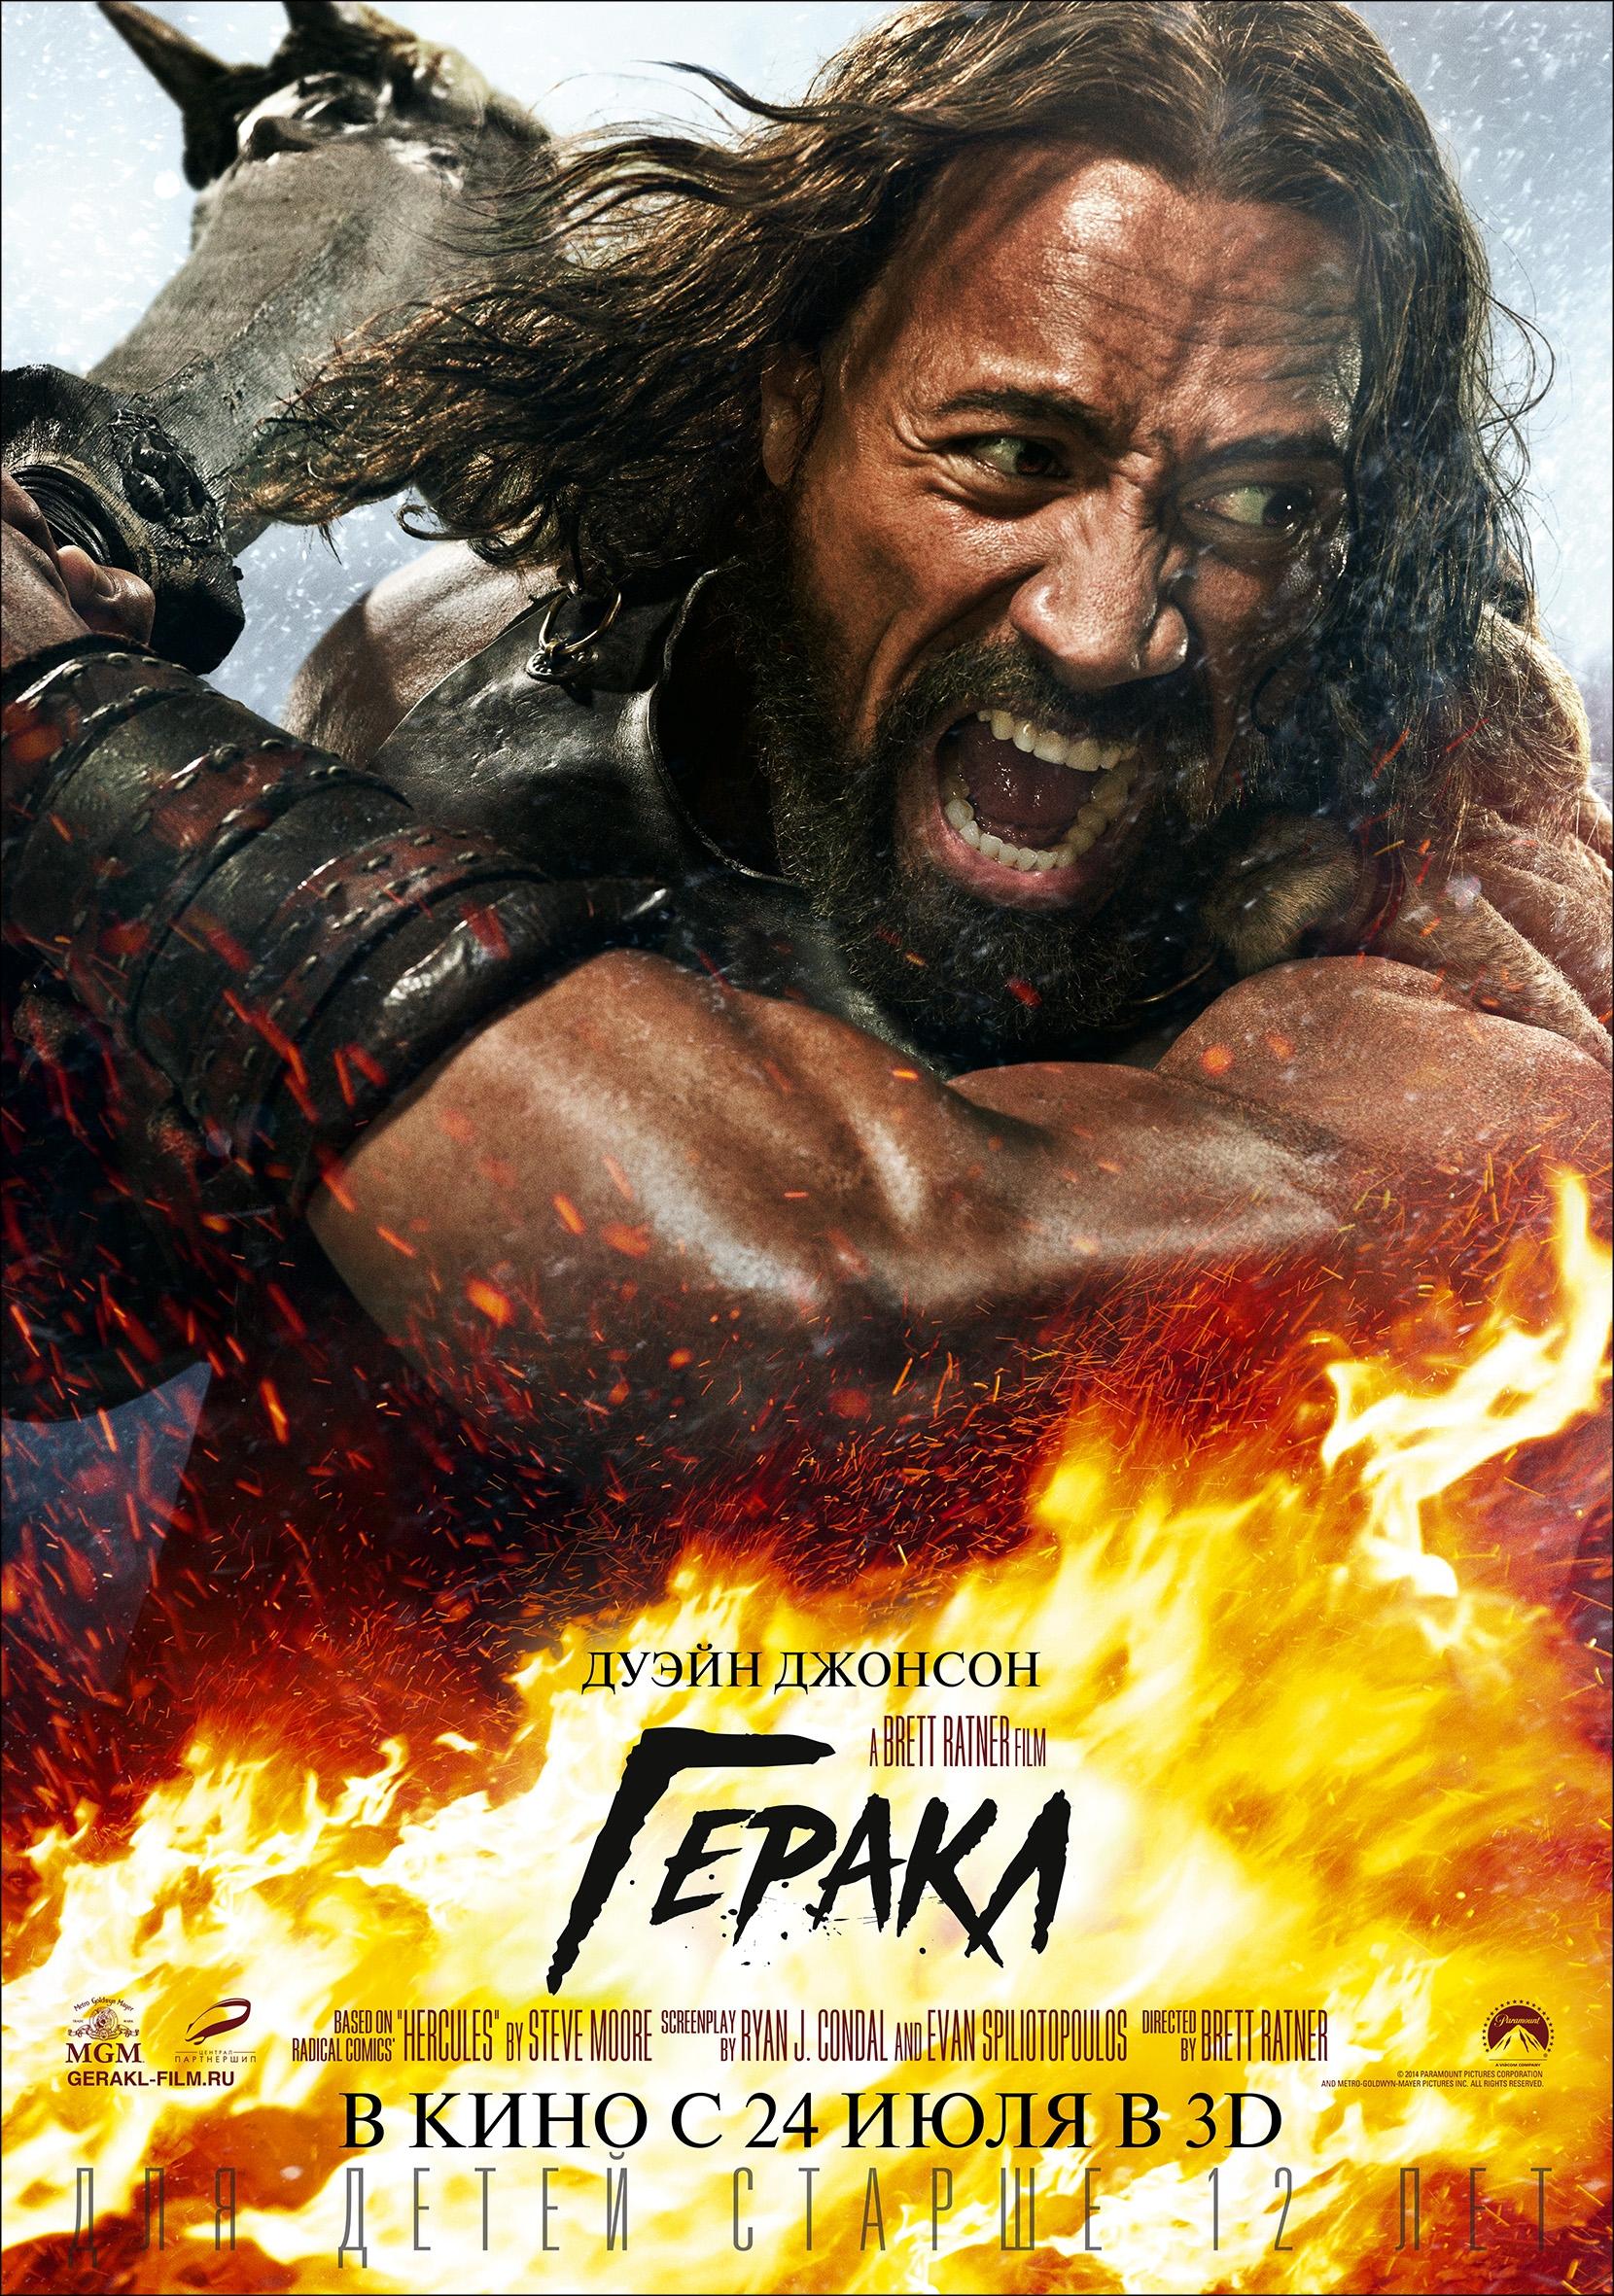 Смотреть фильмы бесплатно новинкигеракл фракийские войны 2014